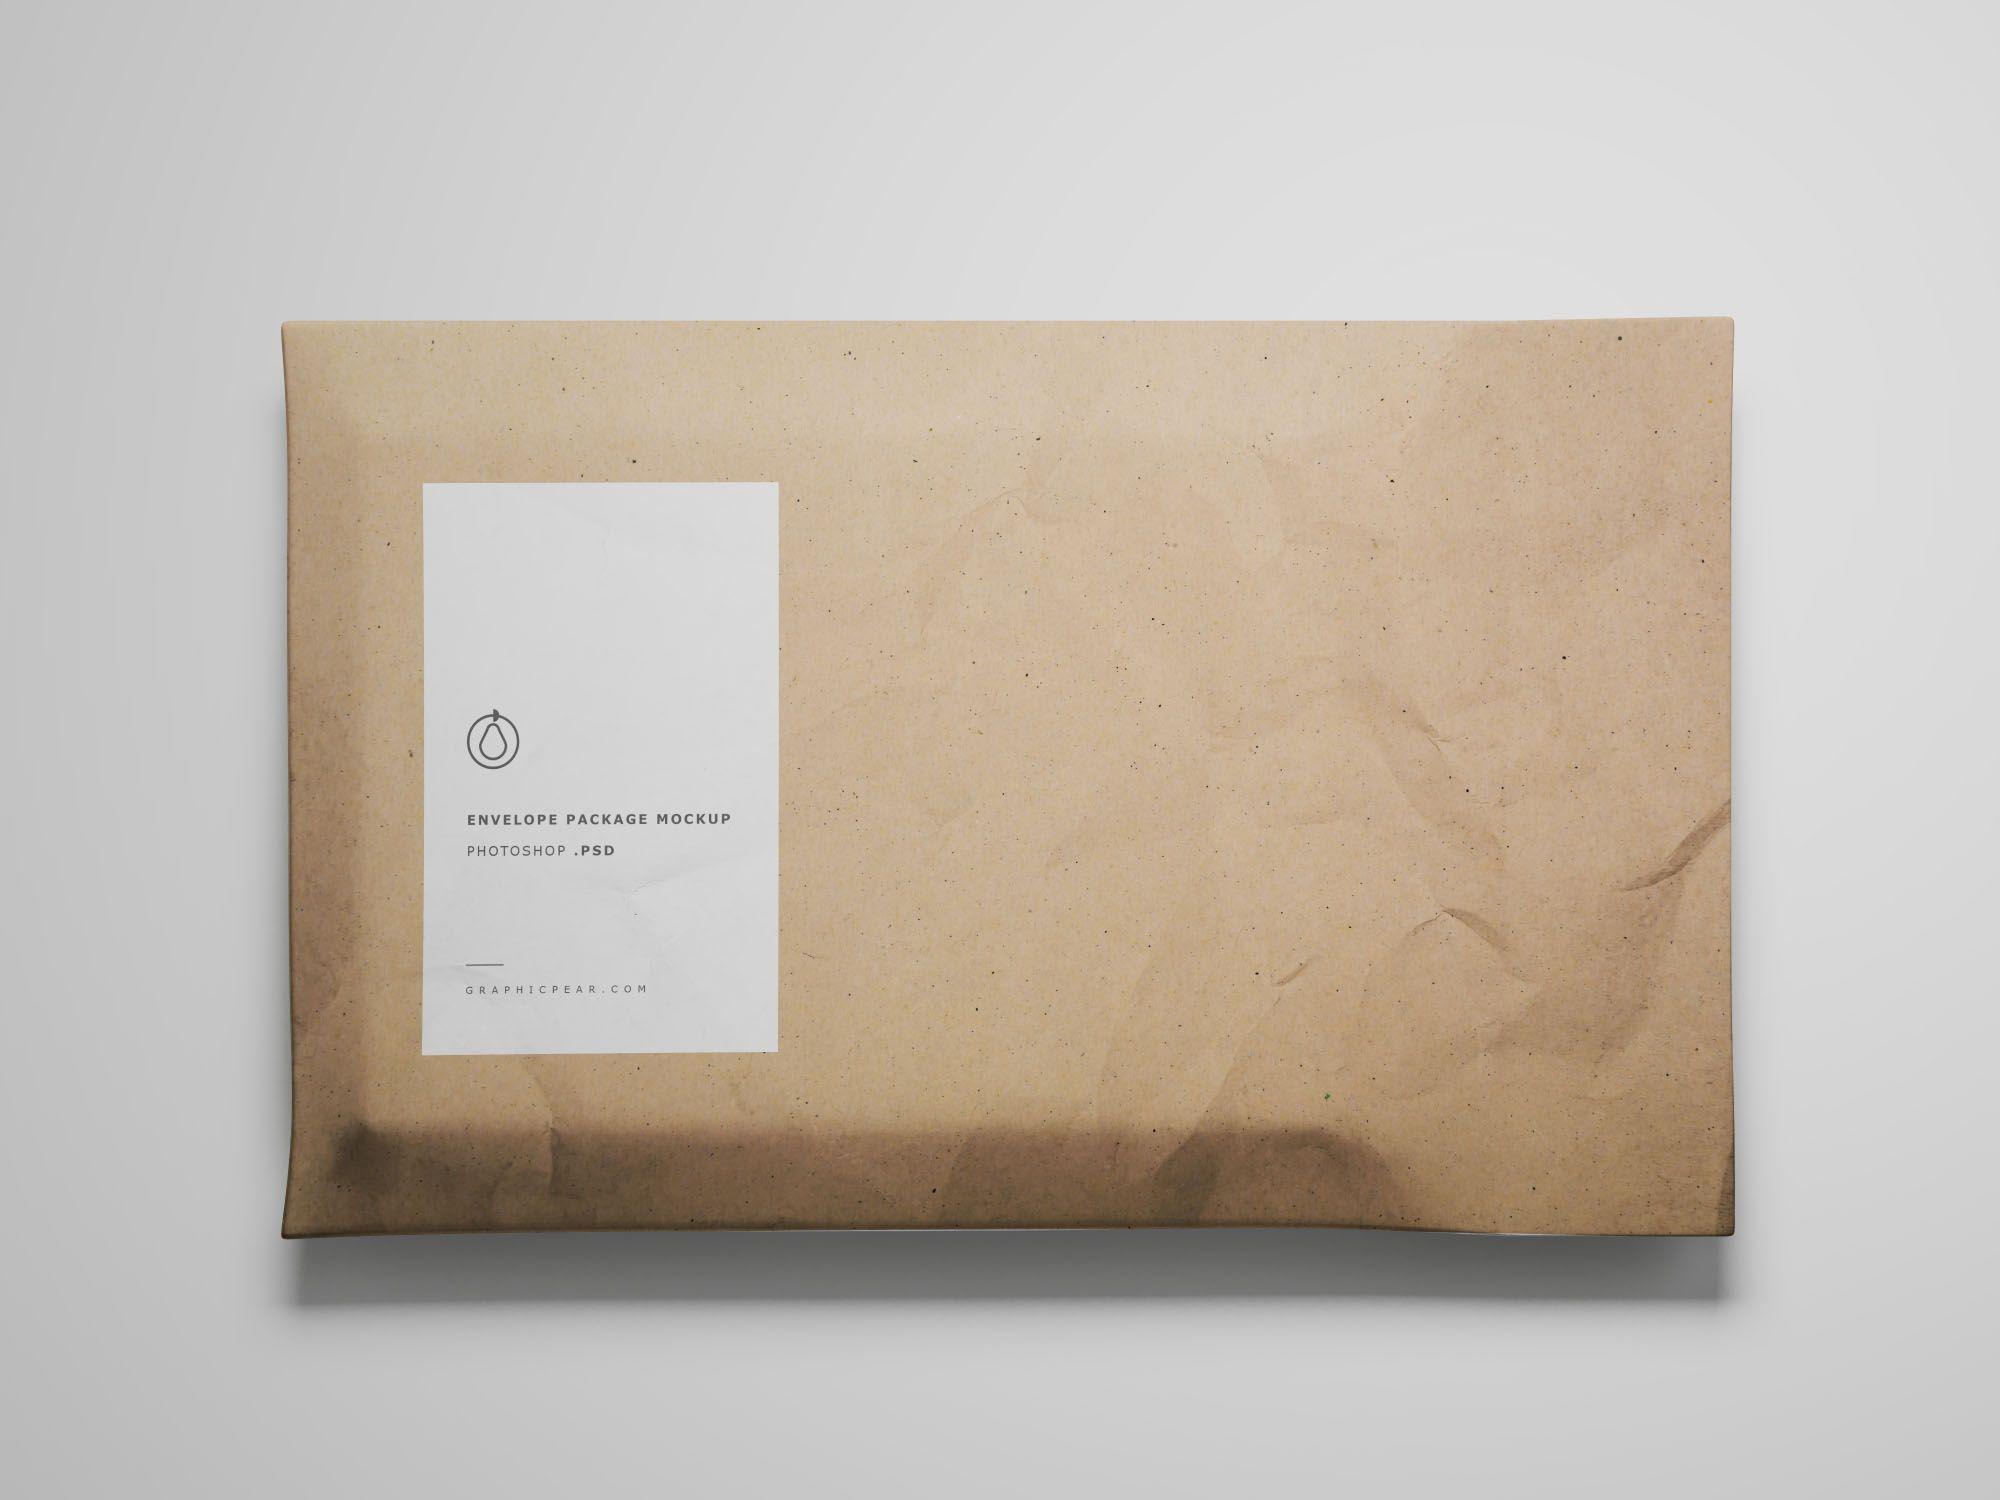 Download Envelope Package Mockup Mockup Mockup Free Psd Mockup Psd